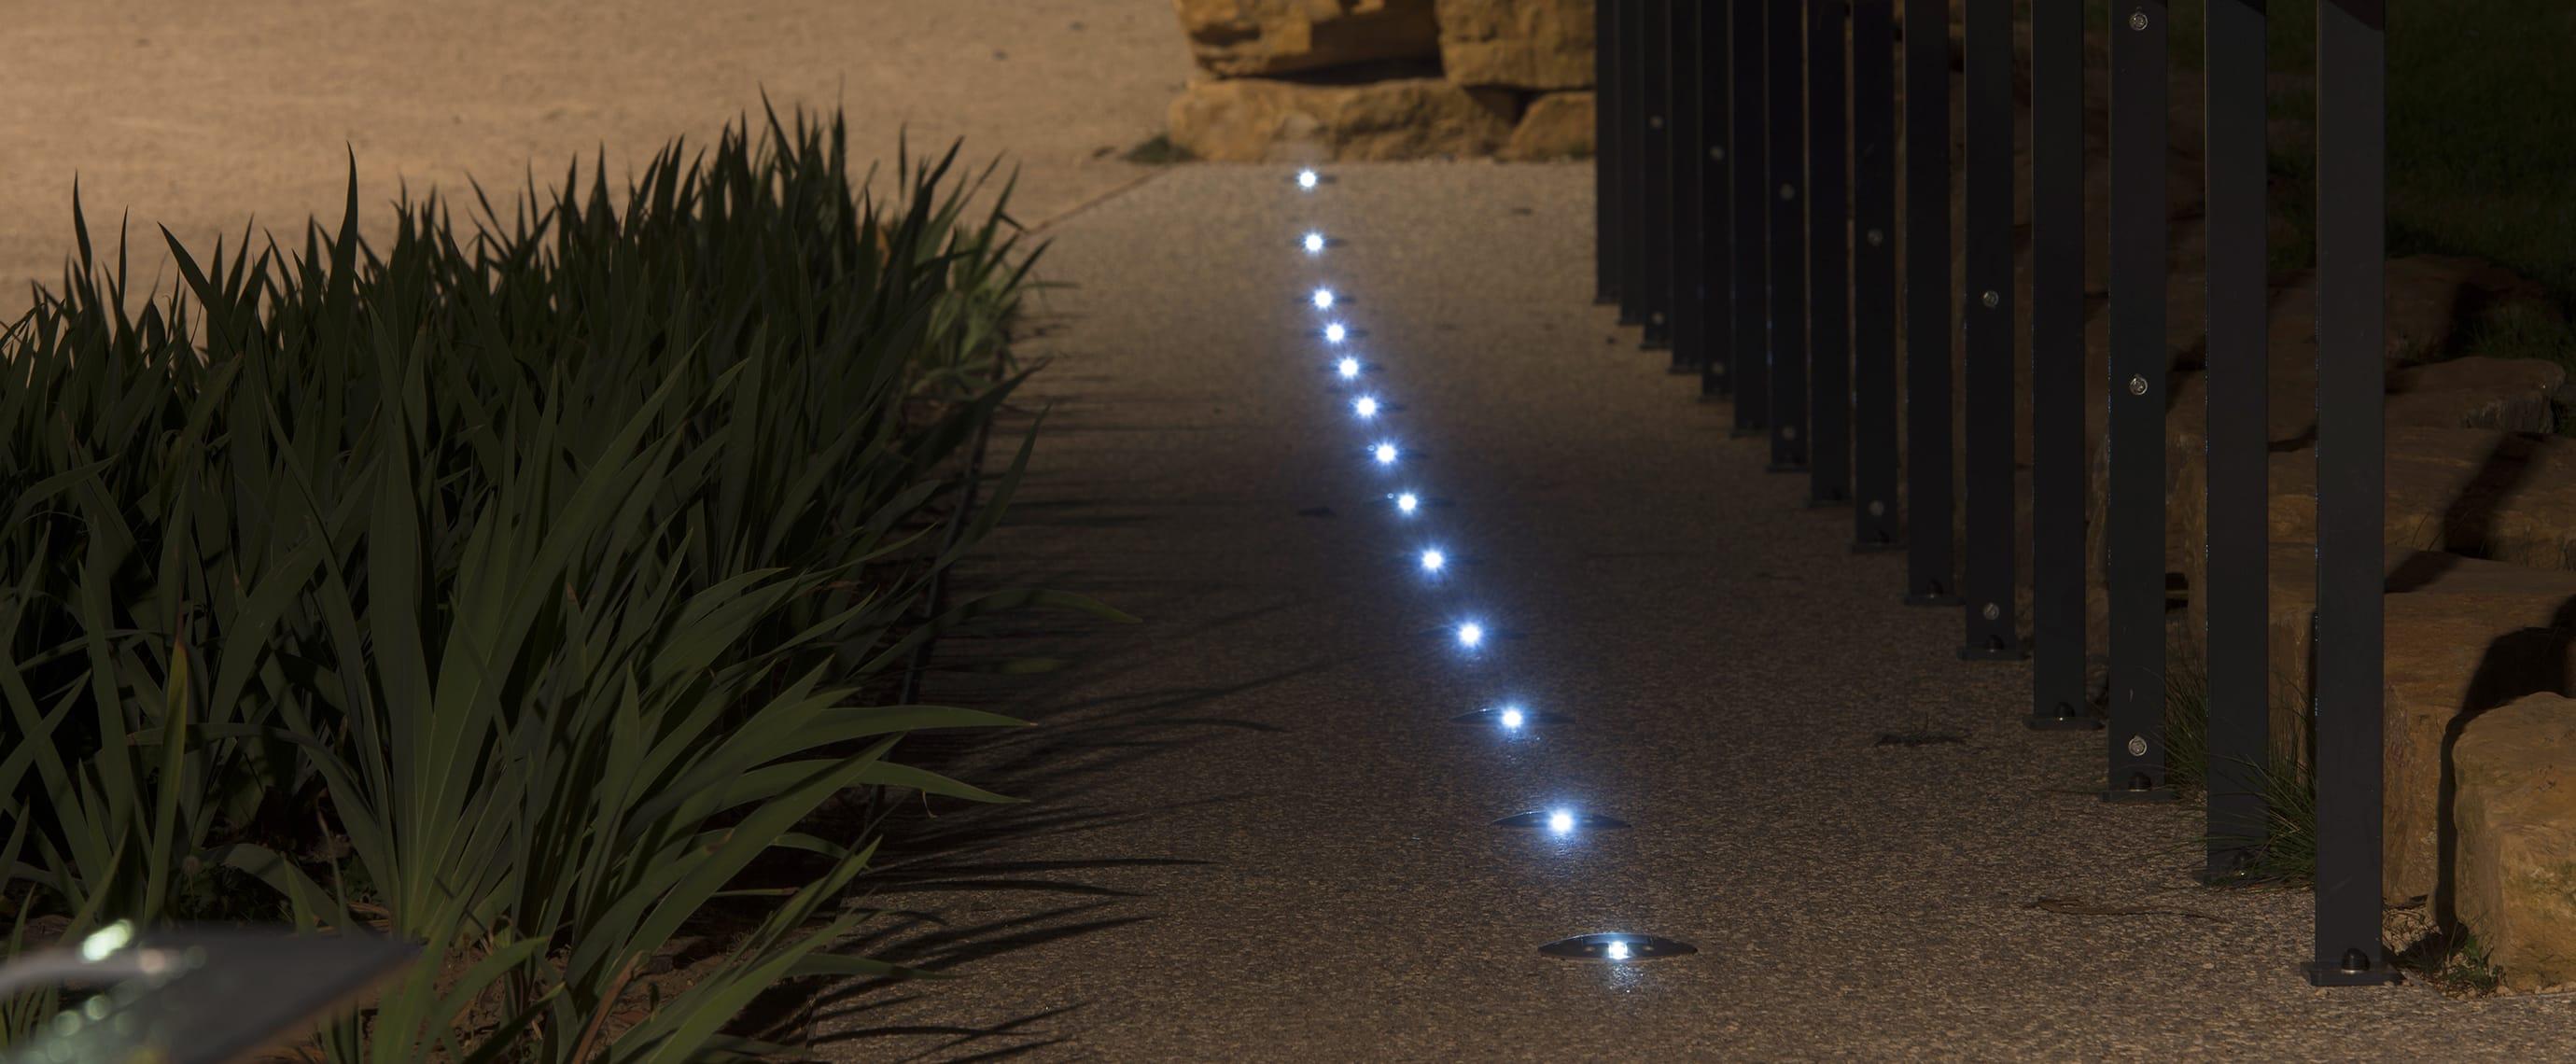 Plot solaire piéton sur promenade balisage LED ECO-143 Eco-Innov